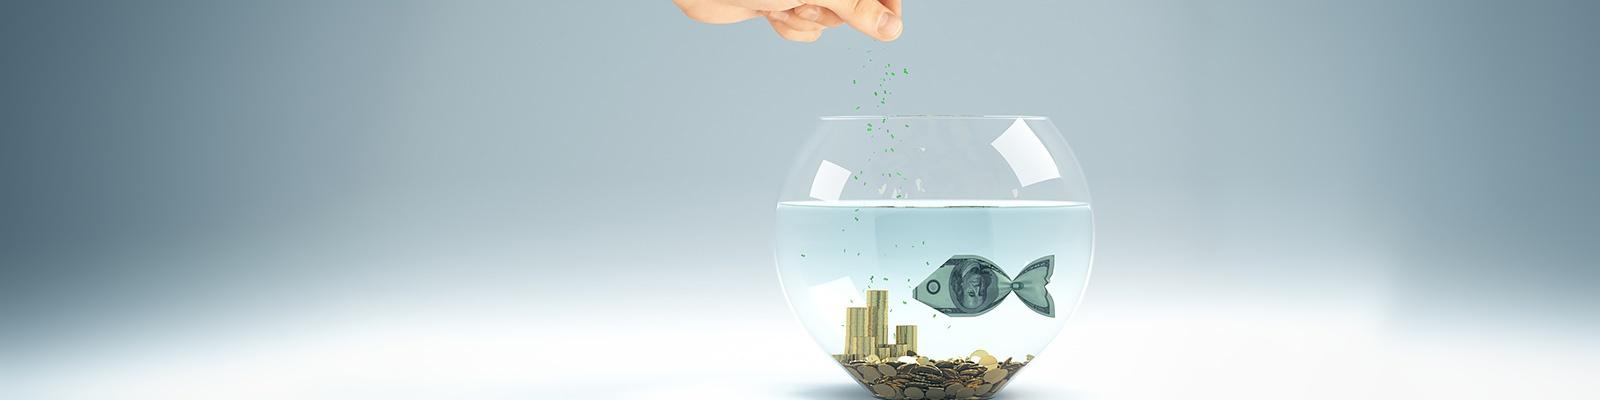 魚 お金 イメージ